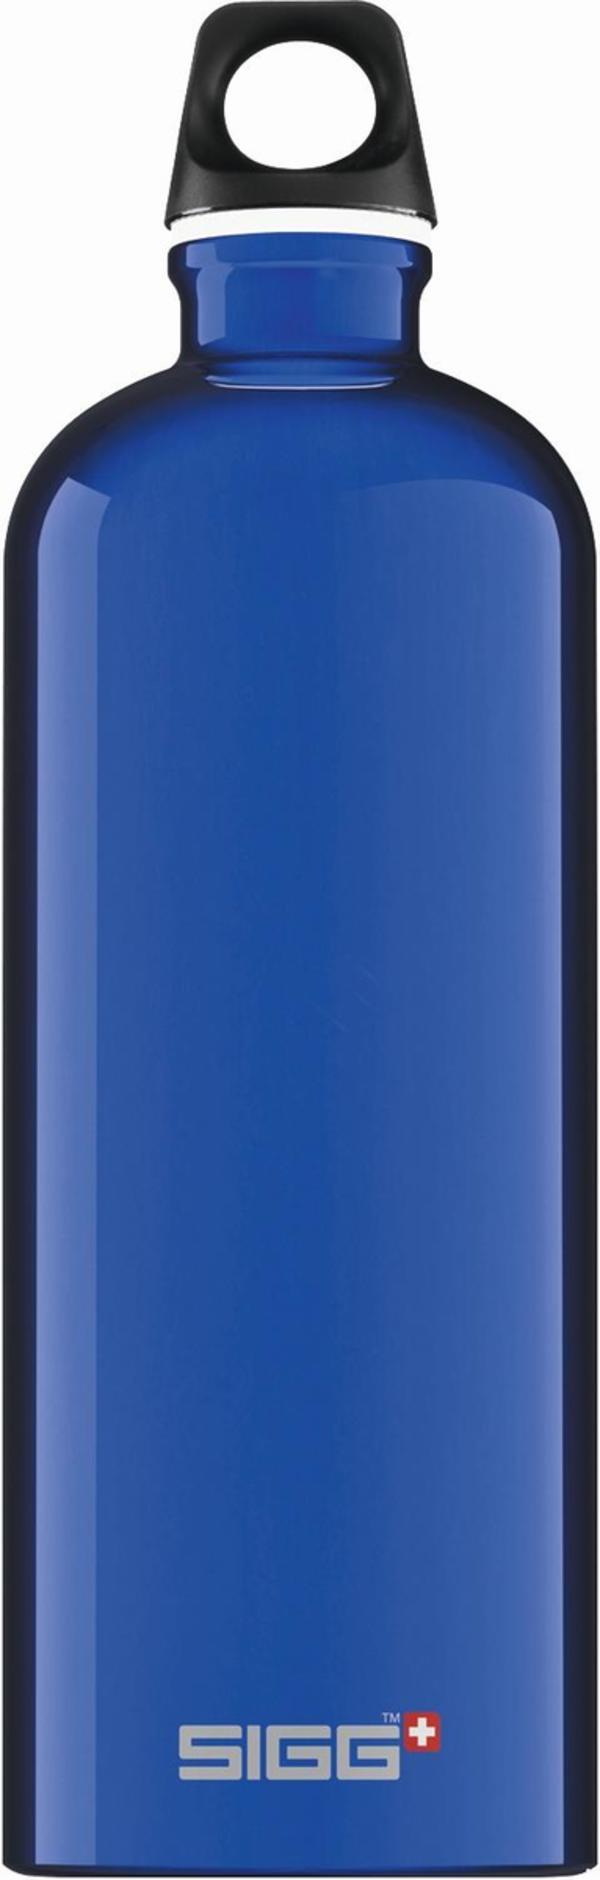 SIGG Trinkflasche Alu Traveller Dark Blue 1l